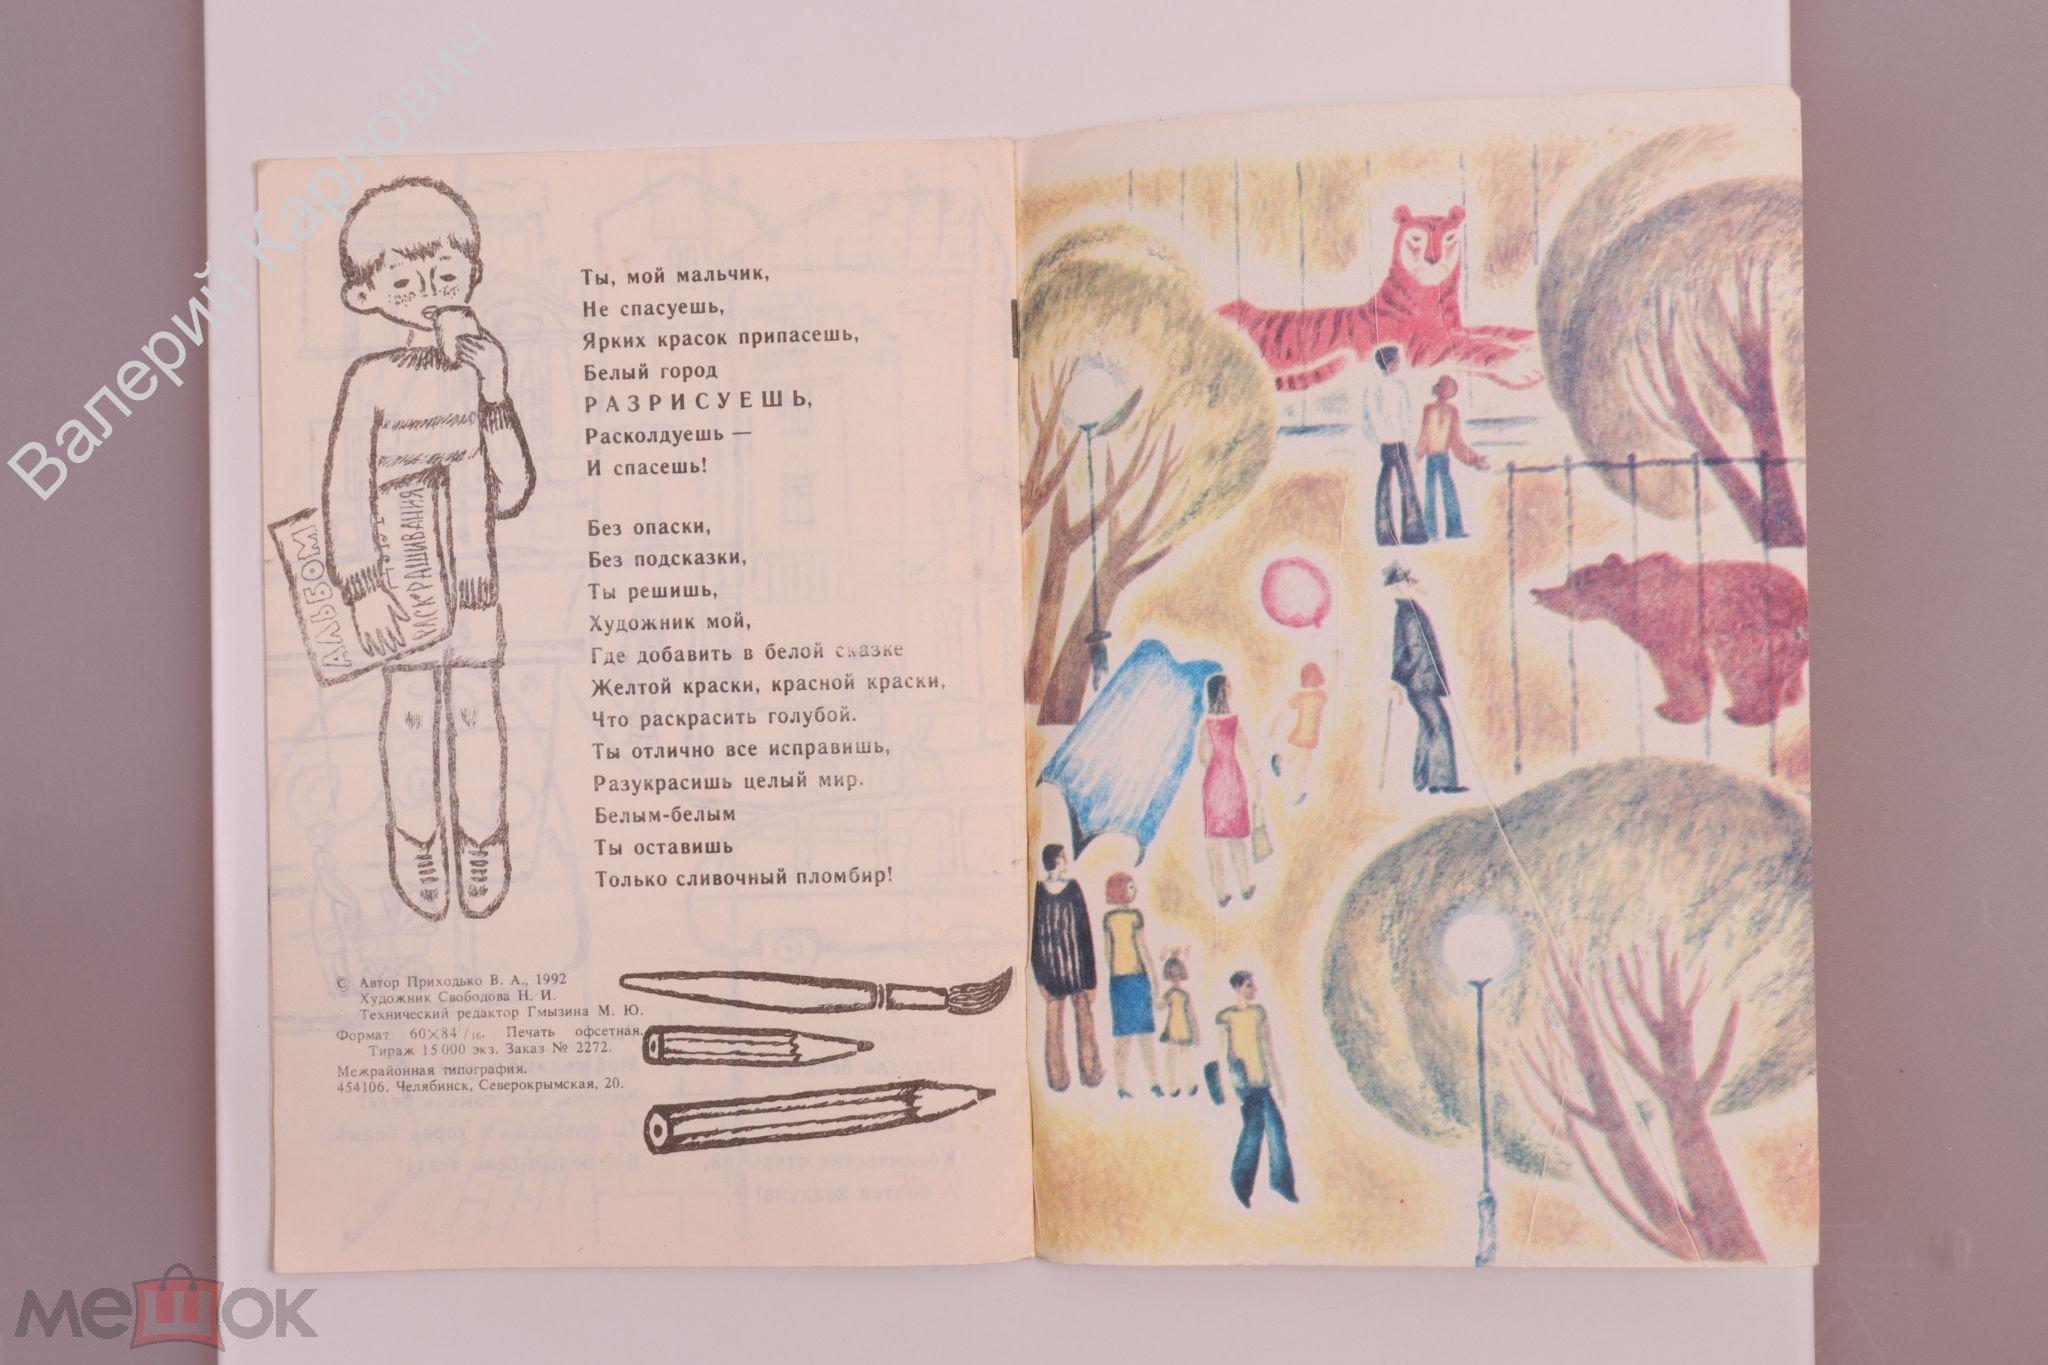 Приходько В. Белый город. Худ. Свободова Н.И. Челябинск. 1992 г. (Б6904)